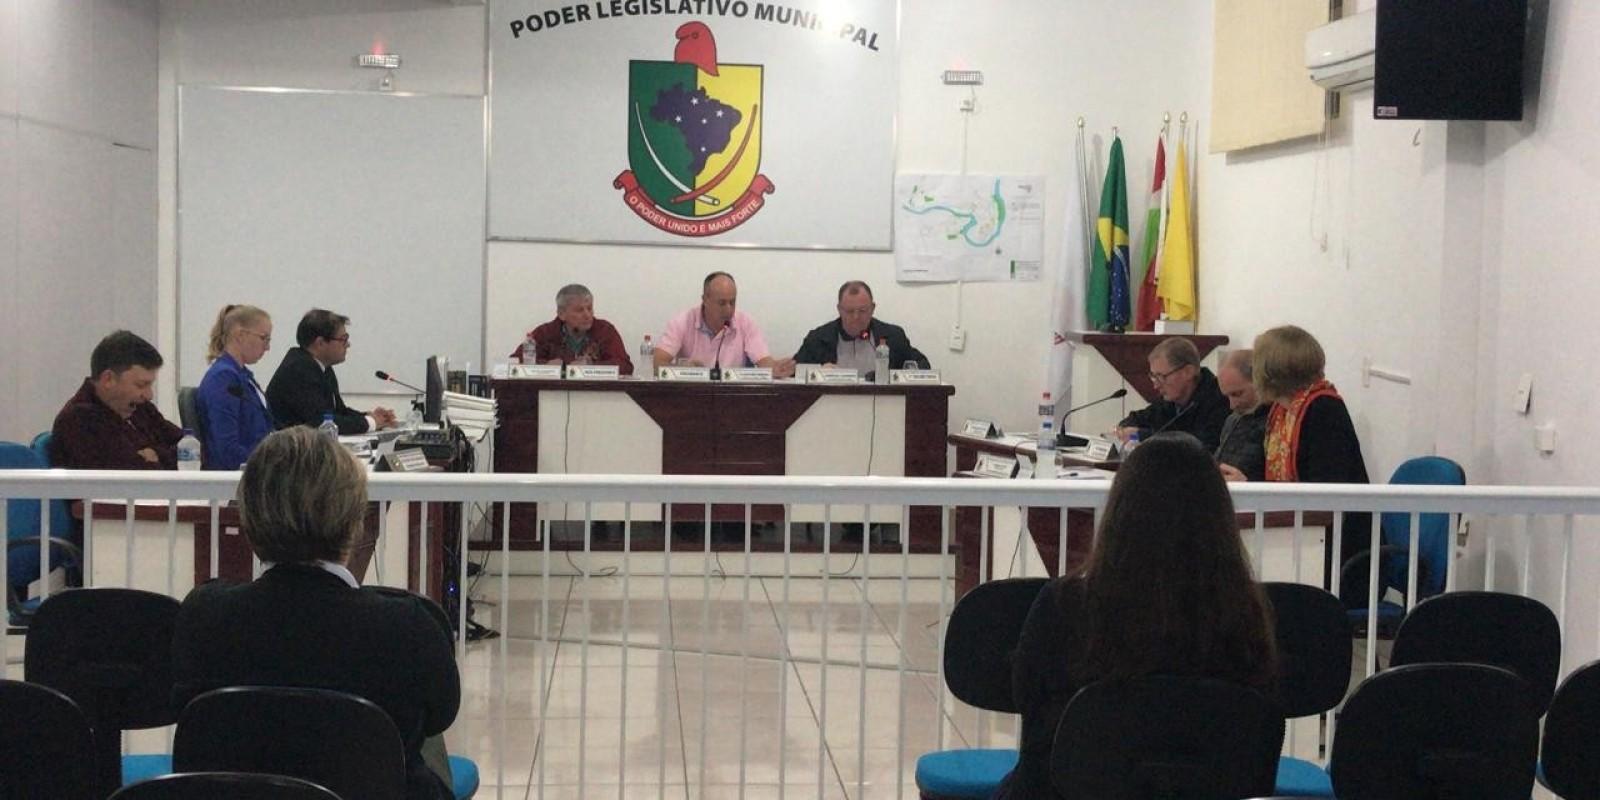 Confira os assuntos da sessão ordinária desta terça - feira, 14, na Câmara Municipal de Santa Rosa de Lima